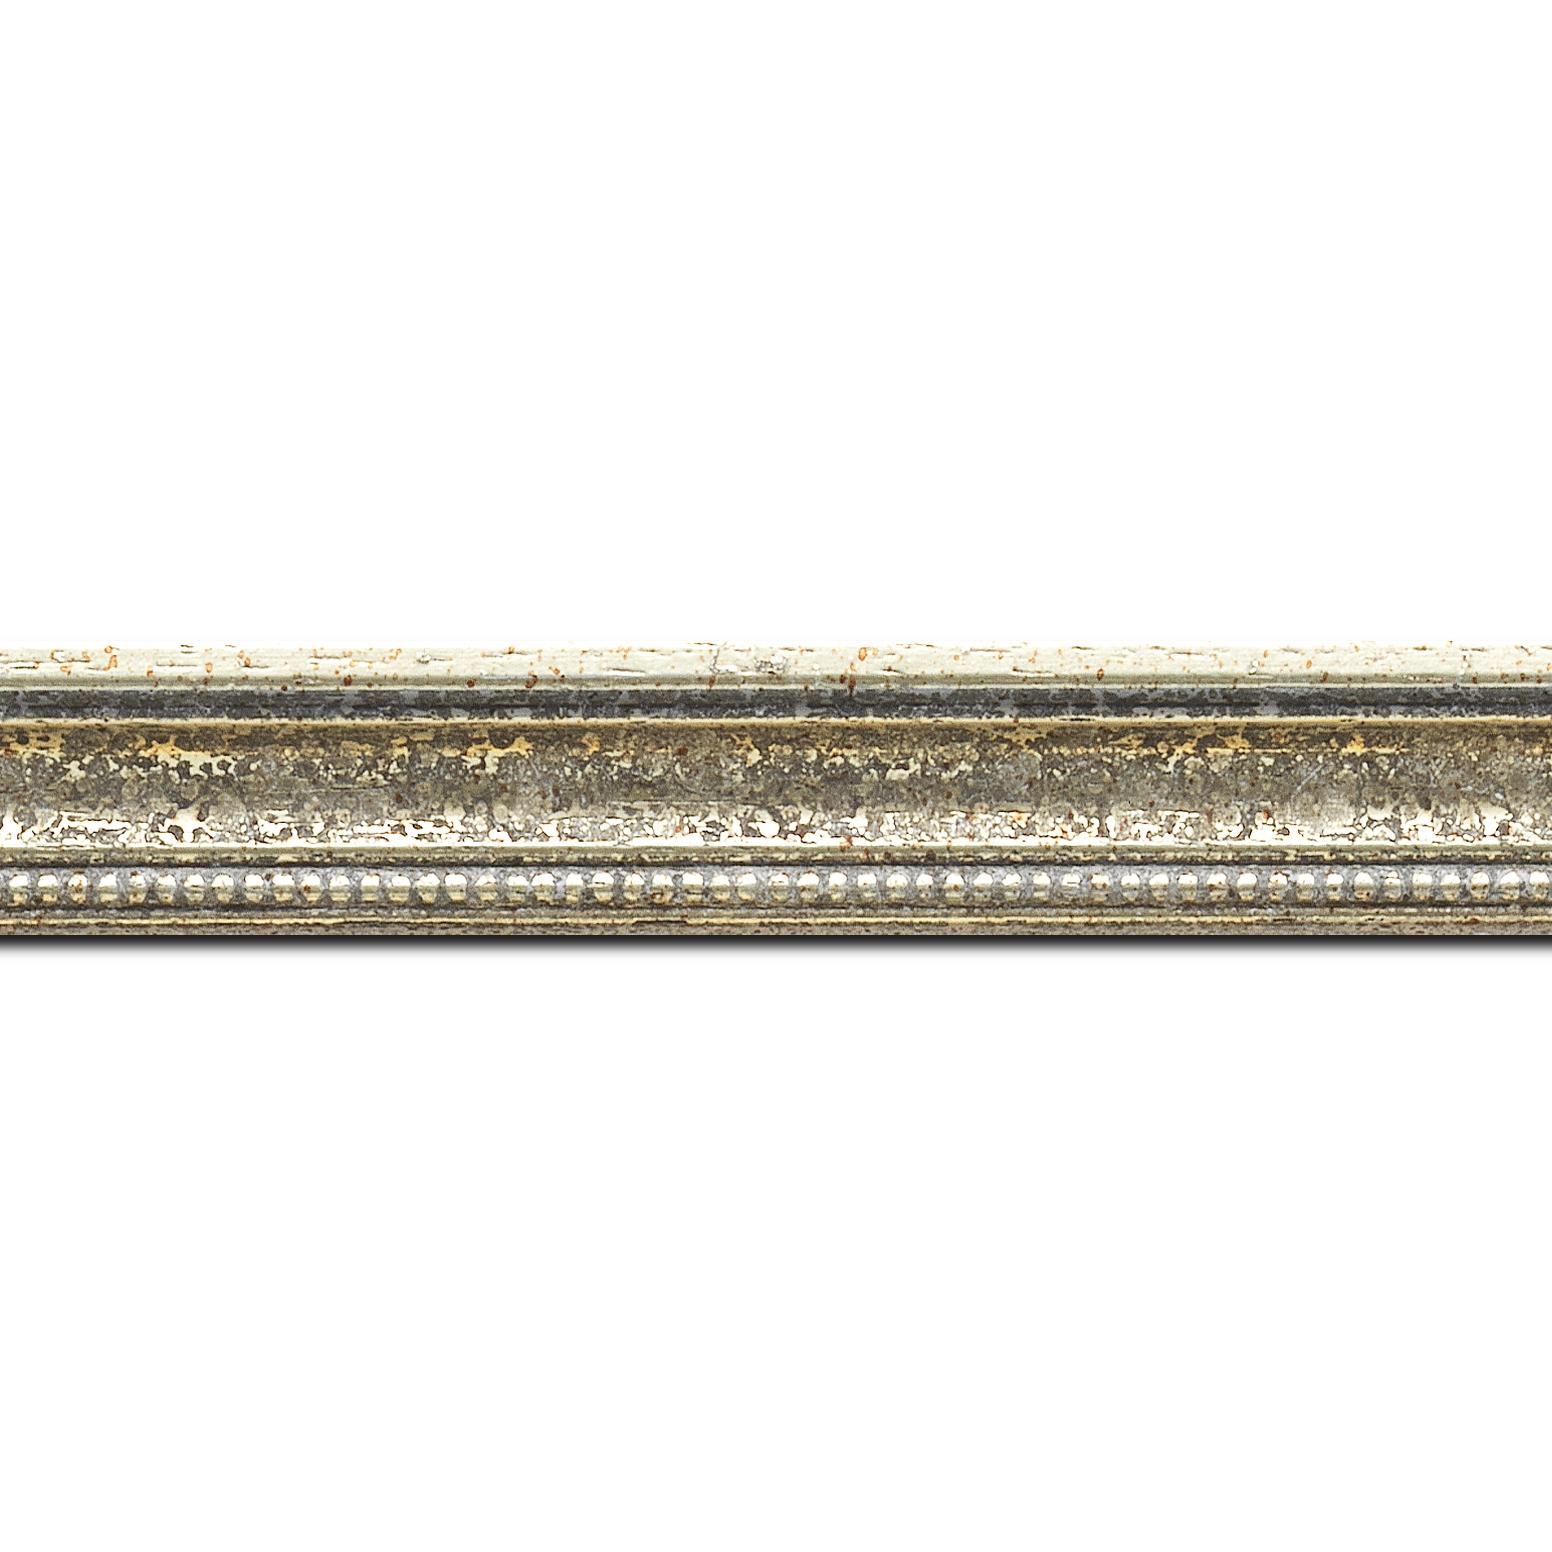 cadre bois argent 50x75 pas cher cadre photo bois argent. Black Bedroom Furniture Sets. Home Design Ideas